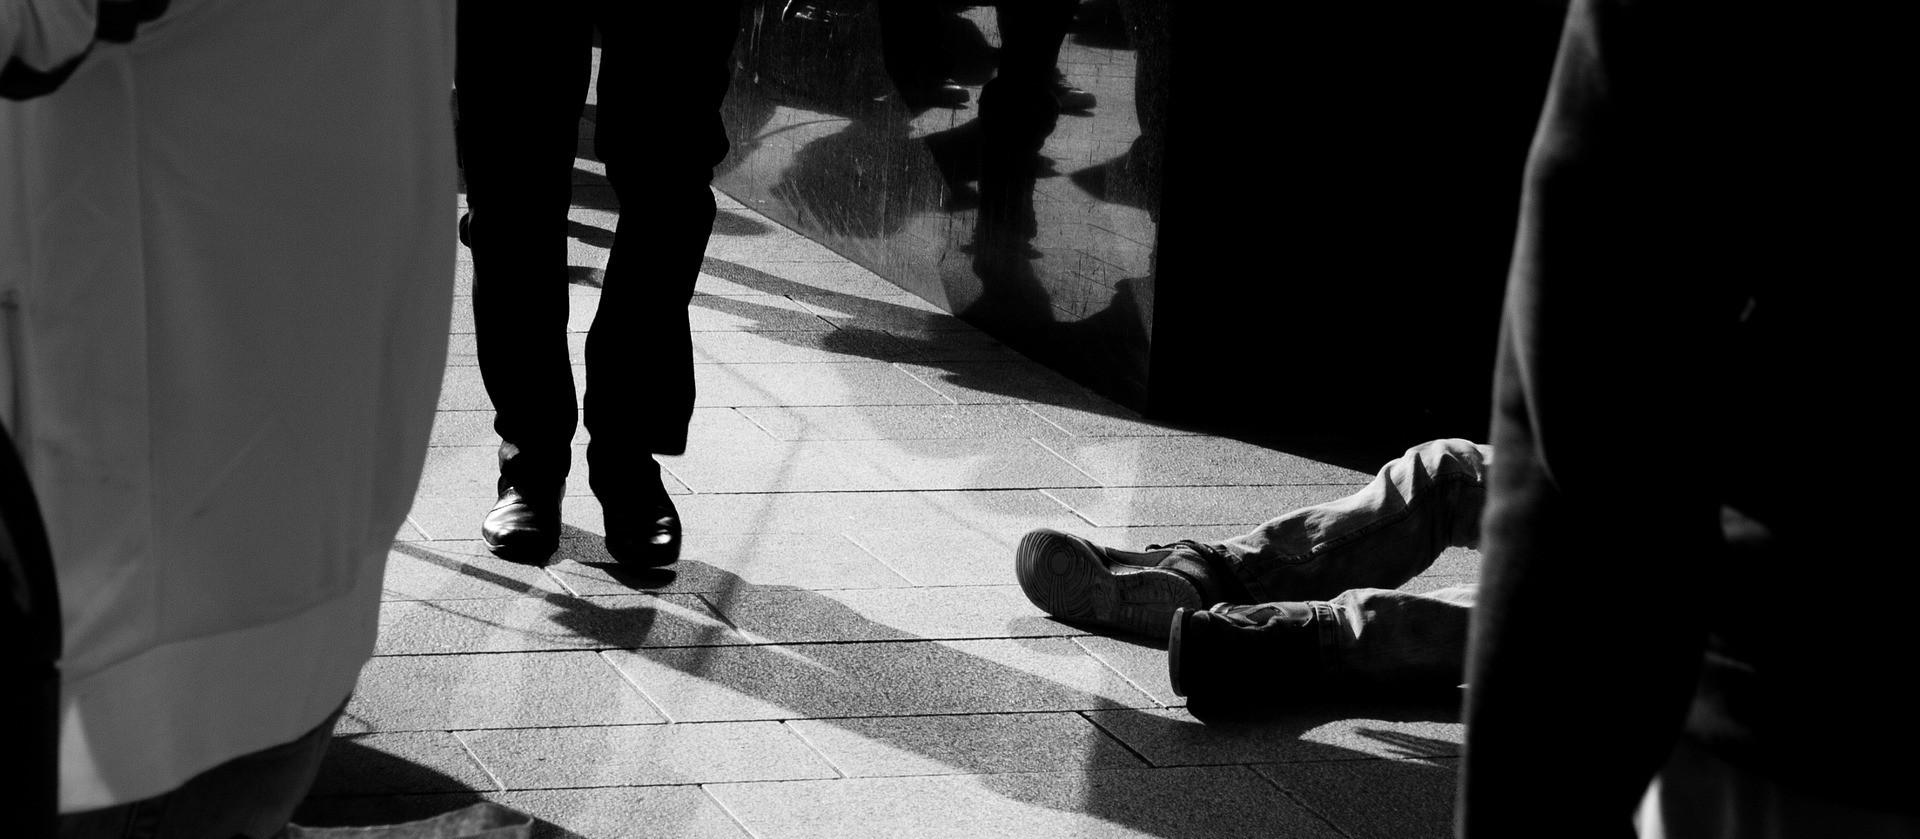 Estado tutela a desigualdade para manter o poder